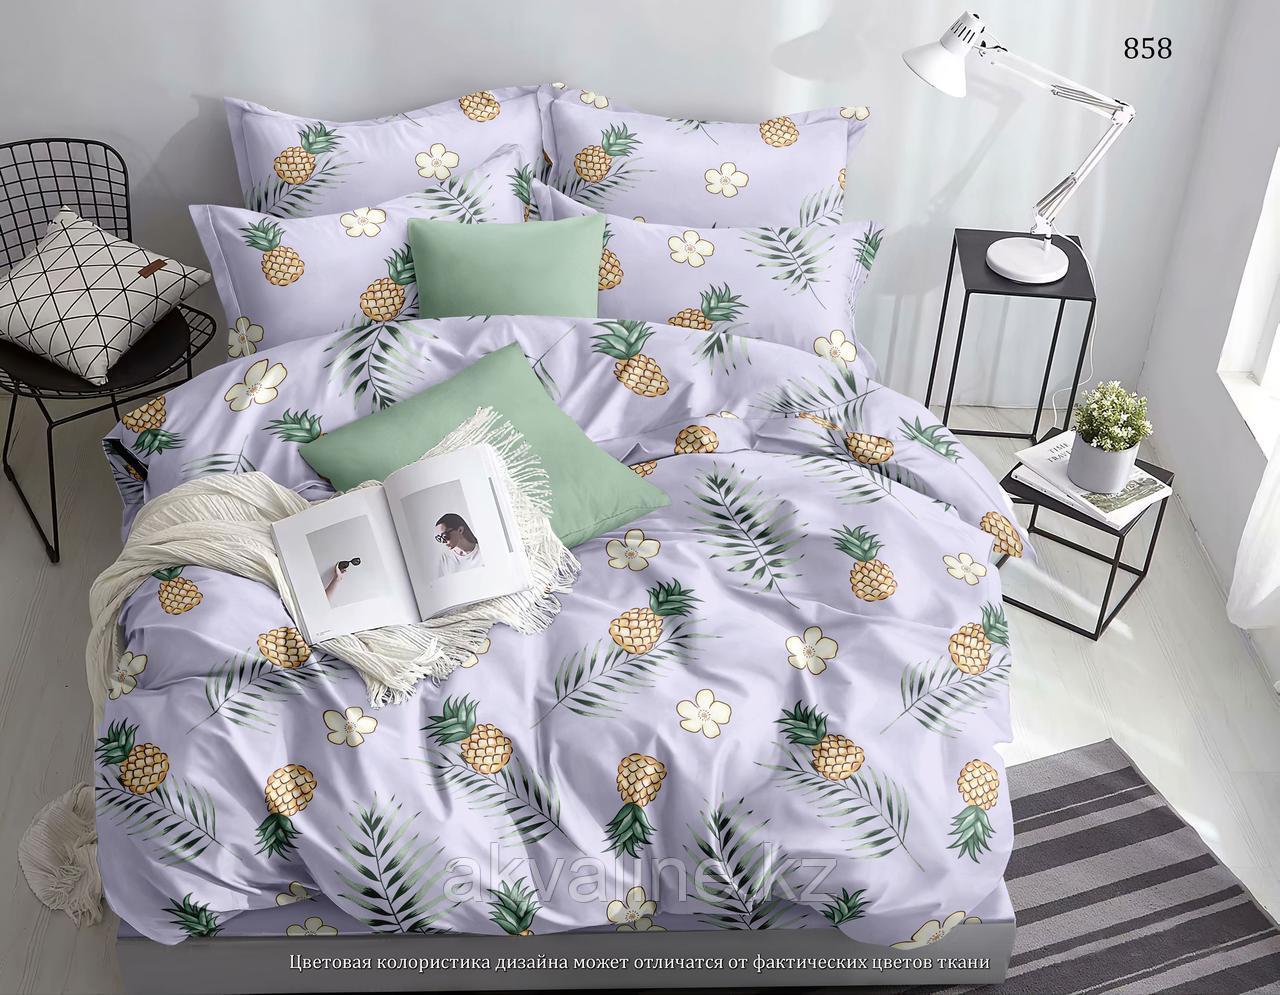 Цветы и ананас